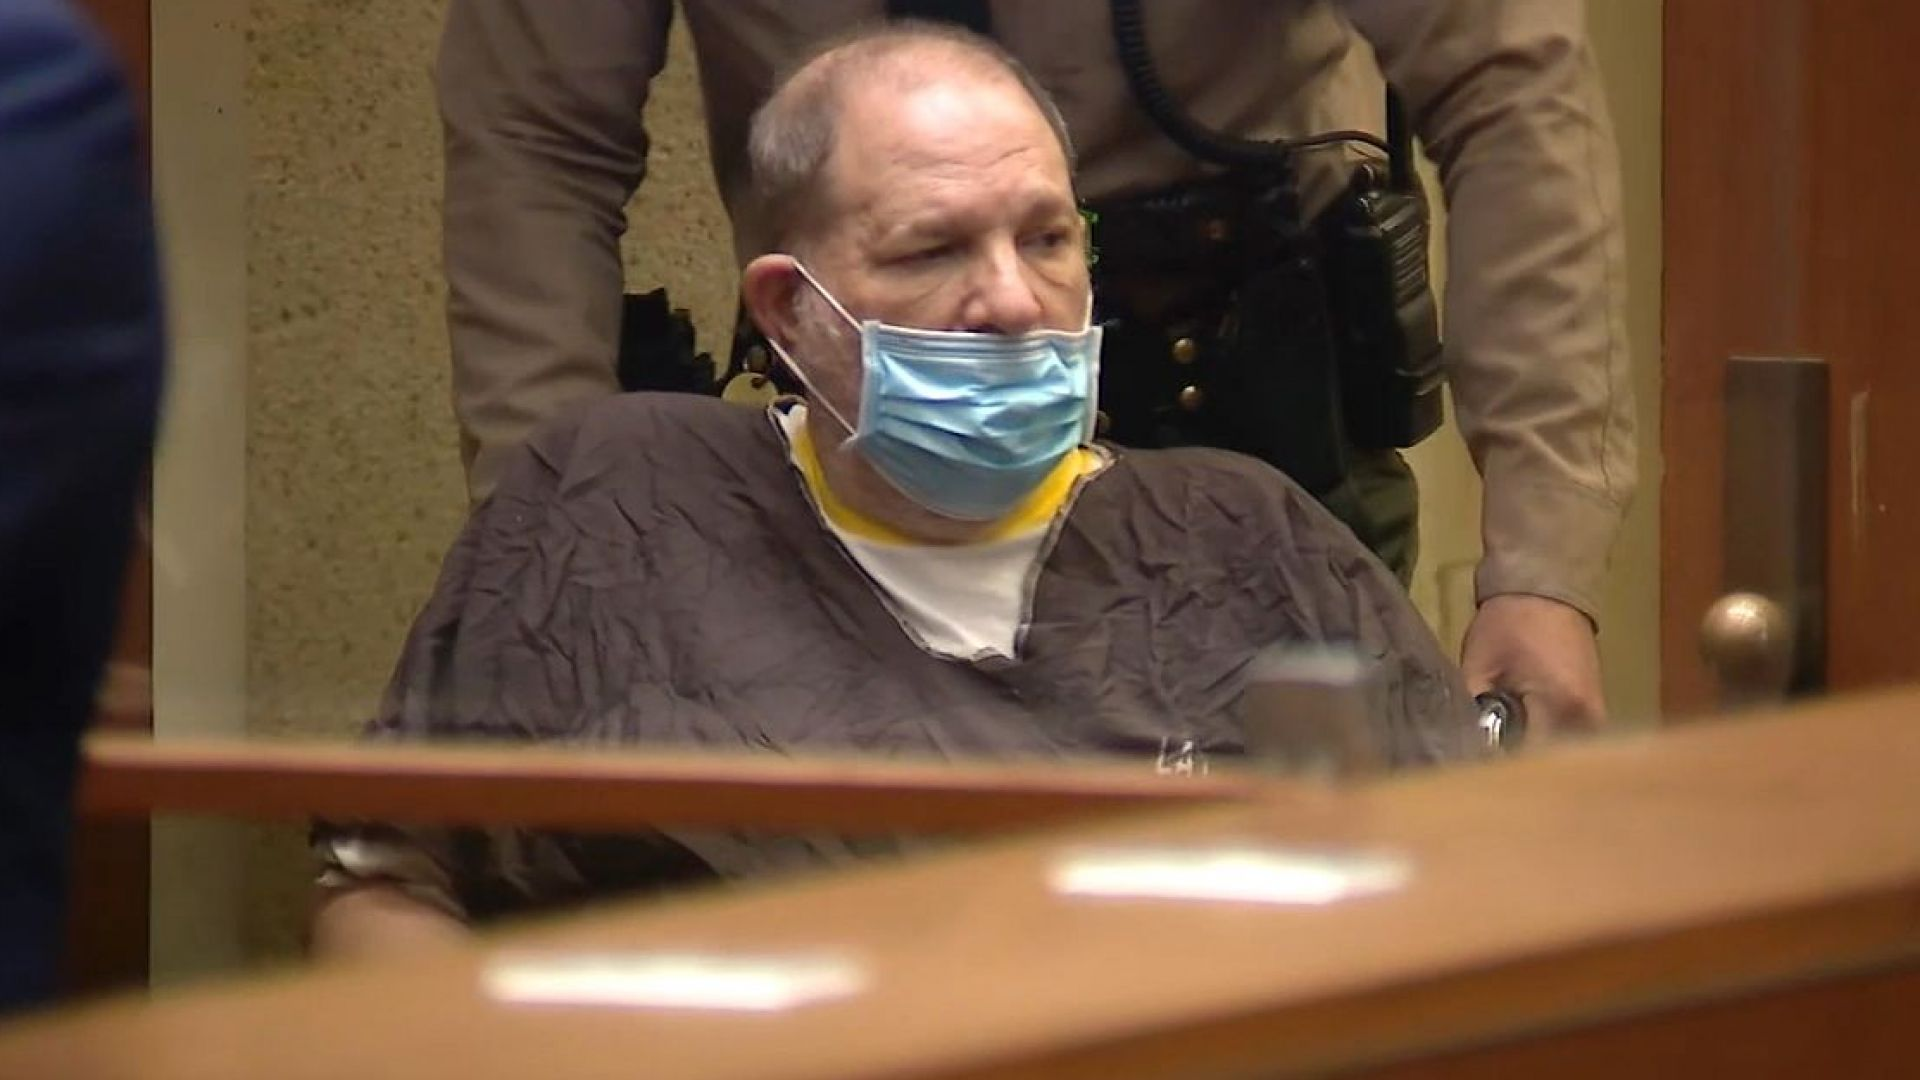 Харви Уайнстийн се яви за първи път в съда, не се призна за виновен